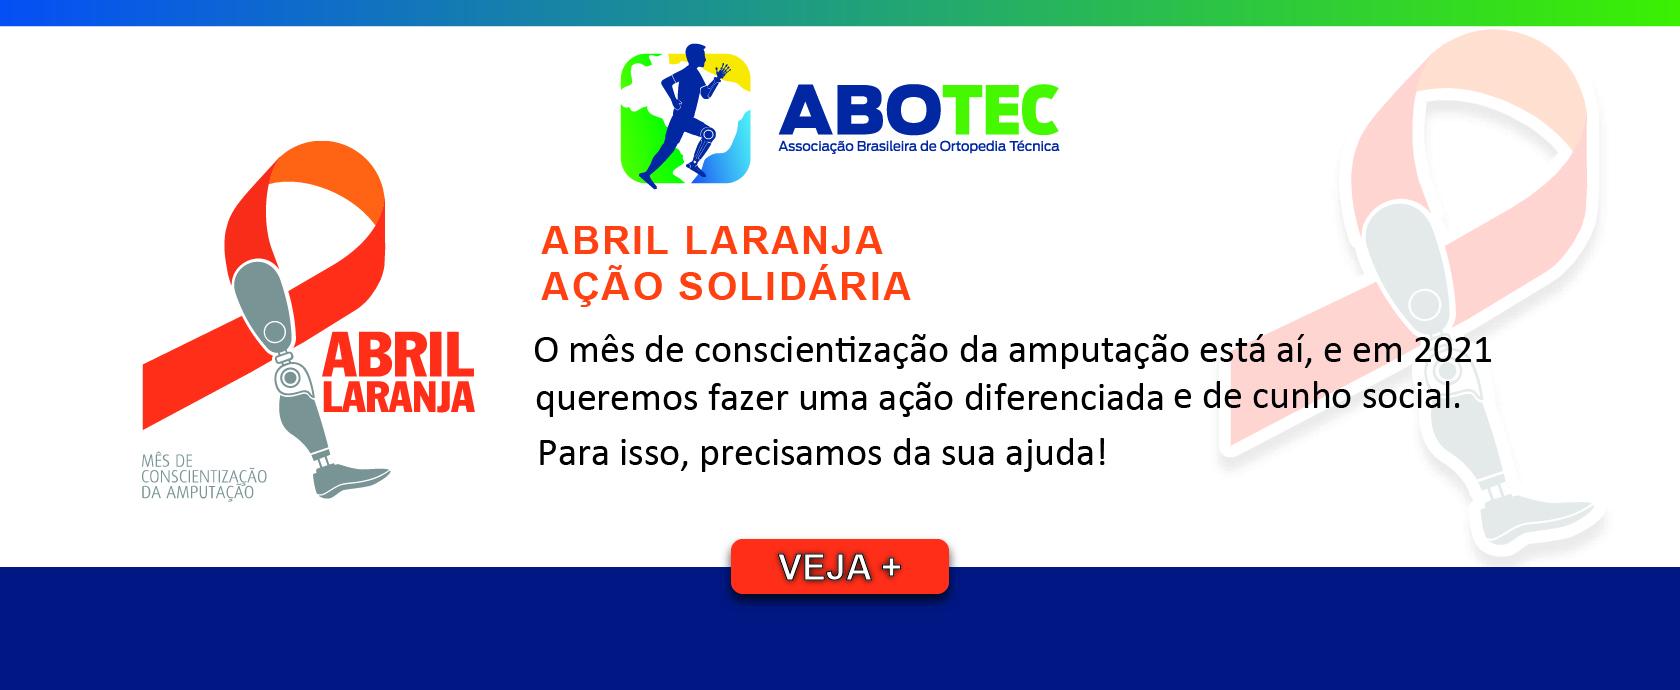 AÇÃO SOLIDÁRIA - ABRIL LARANJA - 2021!